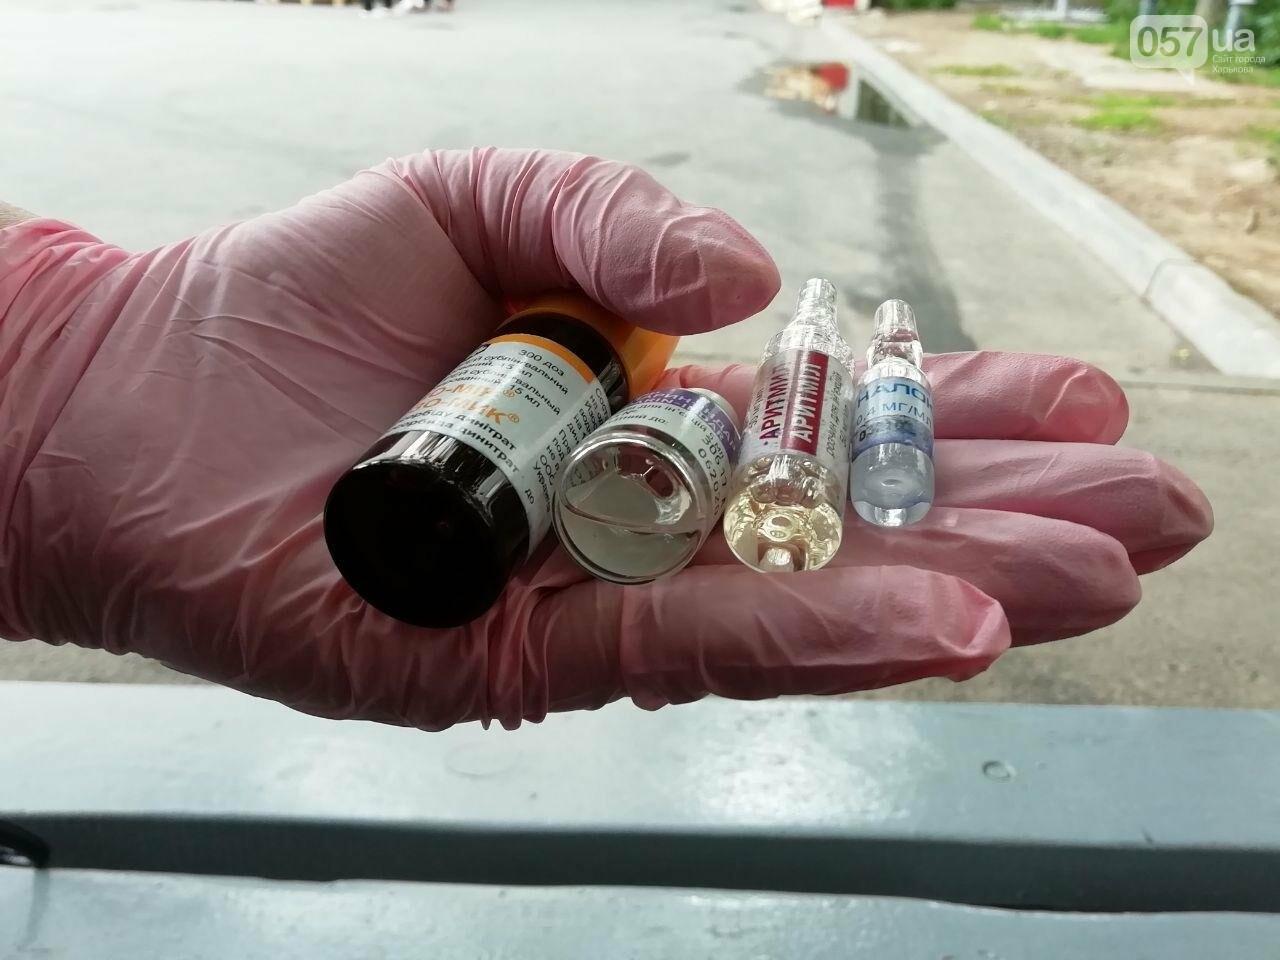 «Больных с подозрением на COVID-19 кодируем как с пневмонией». Истории медработников харьковской «скорой», - ФОТО, фото-3